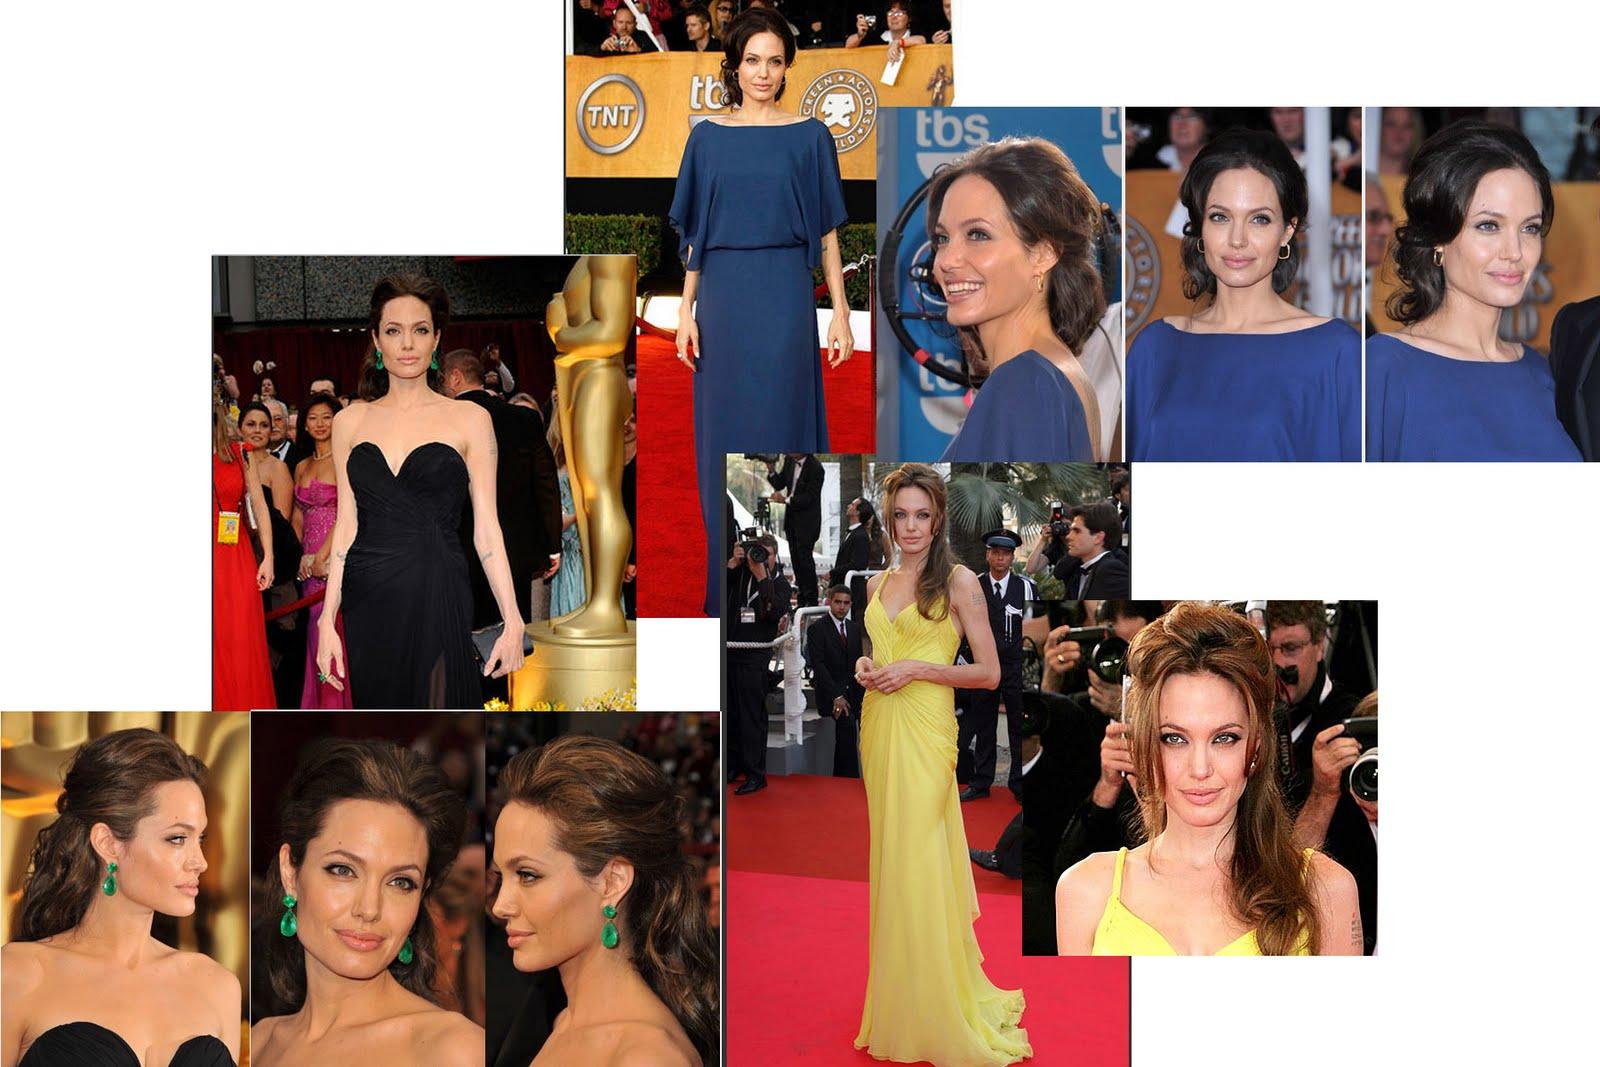 http://3.bp.blogspot.com/_COVIrkv9wtc/THWHkb6SMBI/AAAAAAAAA24/5BPyTTcOzK4/s1600/Jolie_HairMakeup.jpg